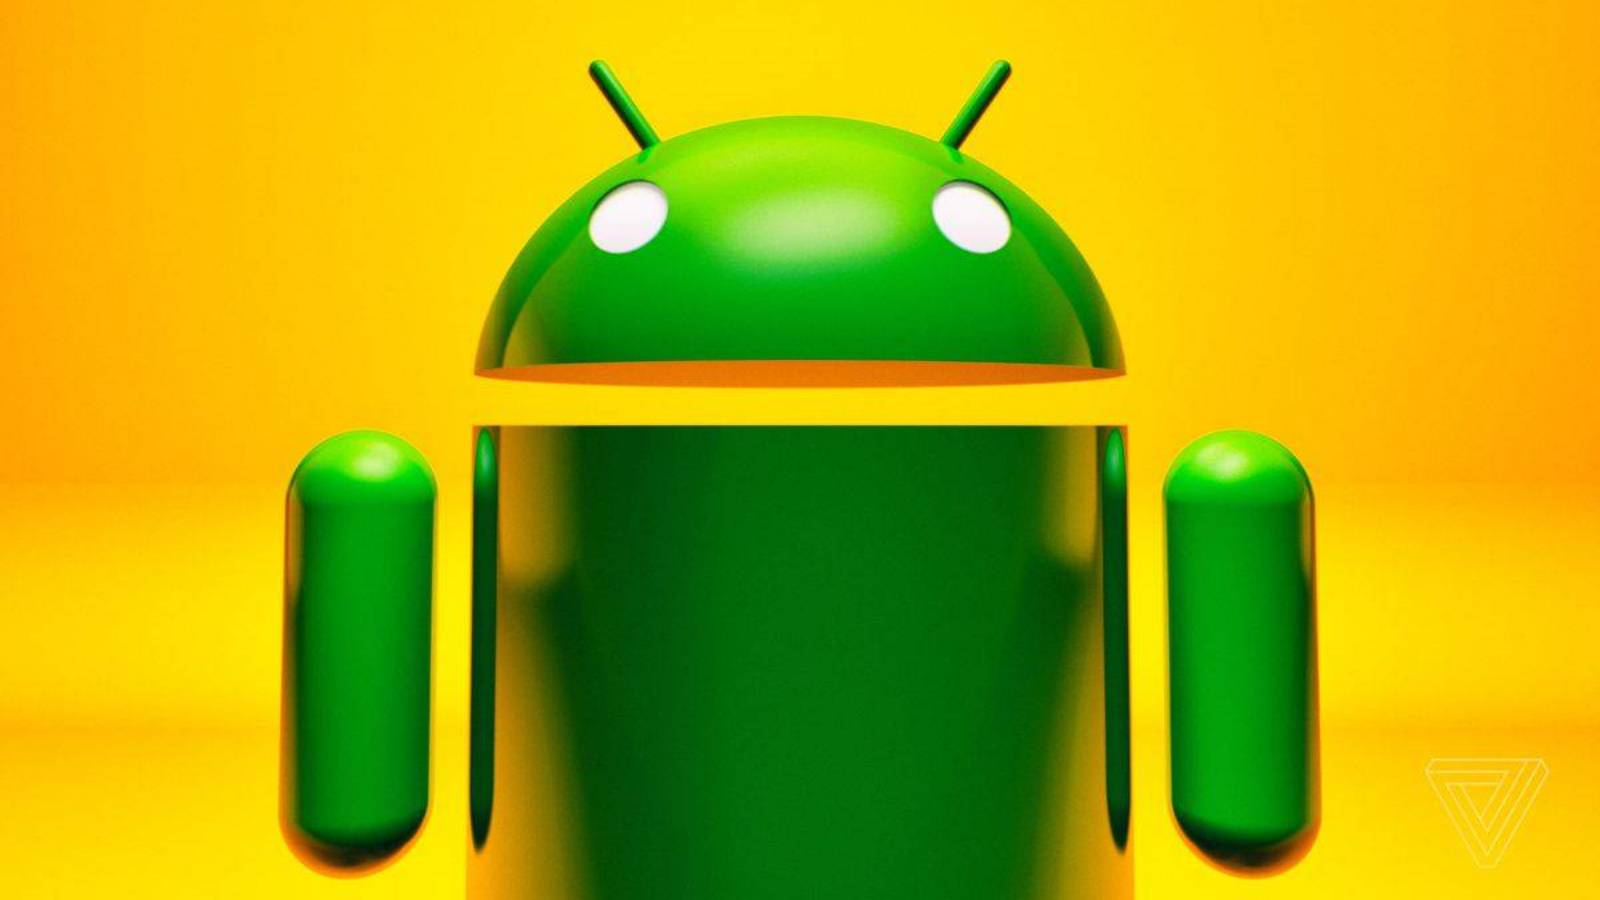 Android ATENTIE, Noua PROBLEMA Serioasa pentru Telefoane